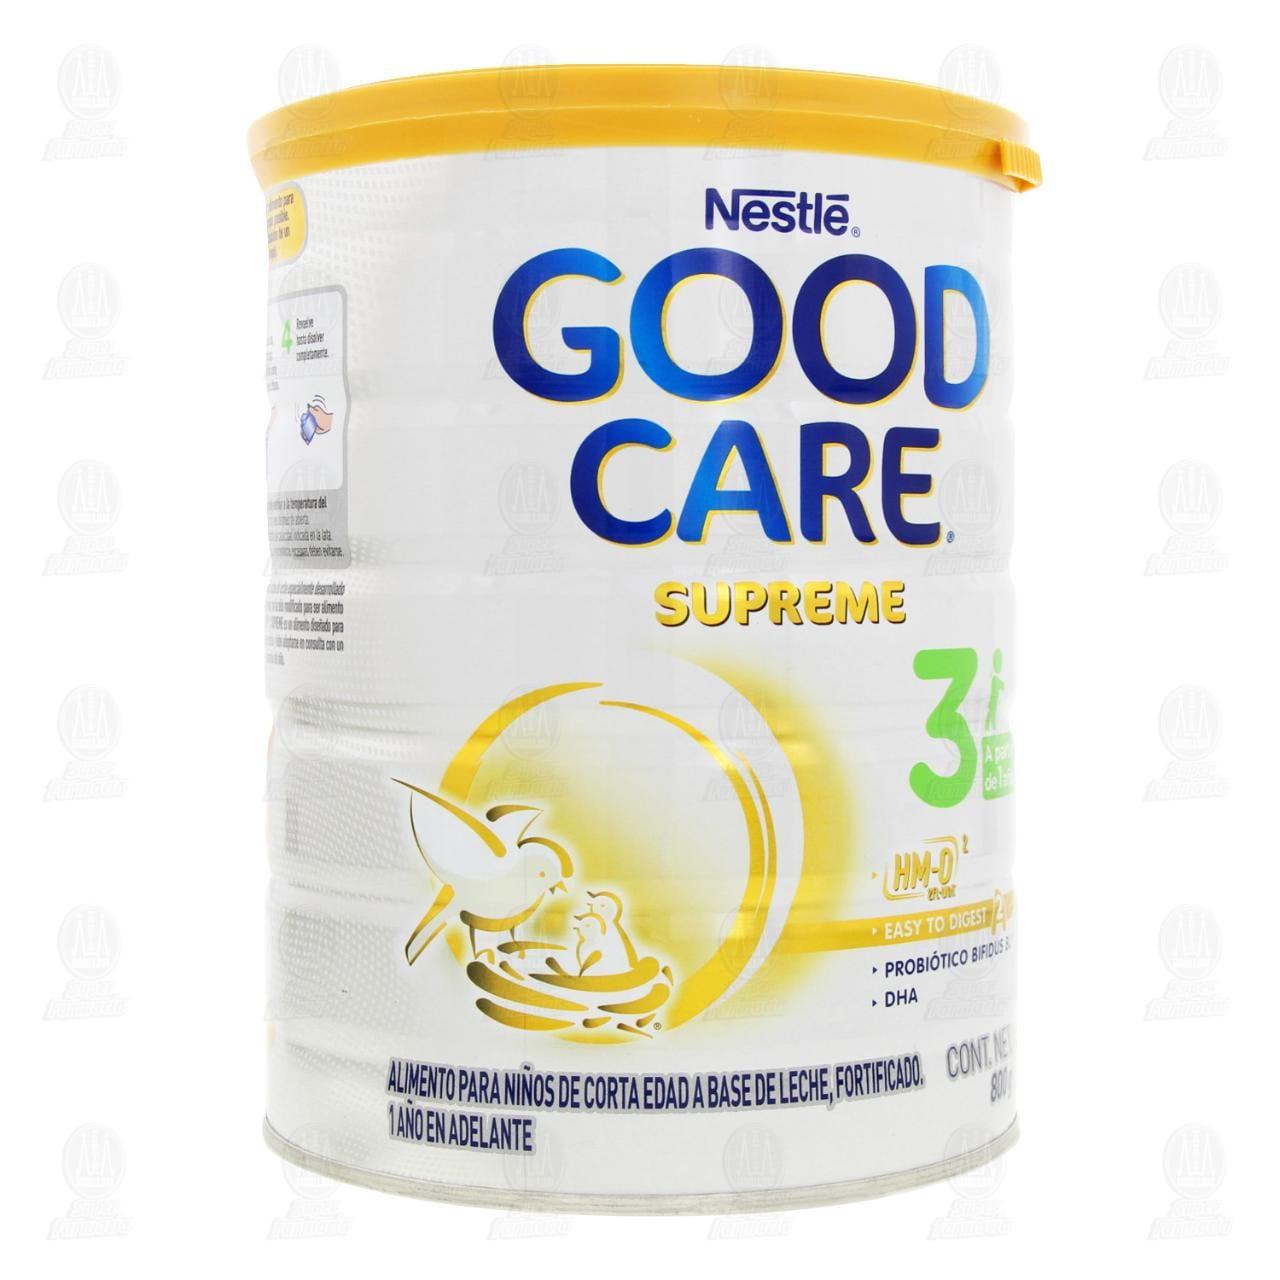 comprar https://www.movil.farmaciasguadalajara.com/wcsstore/FGCAS/wcs/products/1264400_A_1280_AL.jpg en farmacias guadalajara